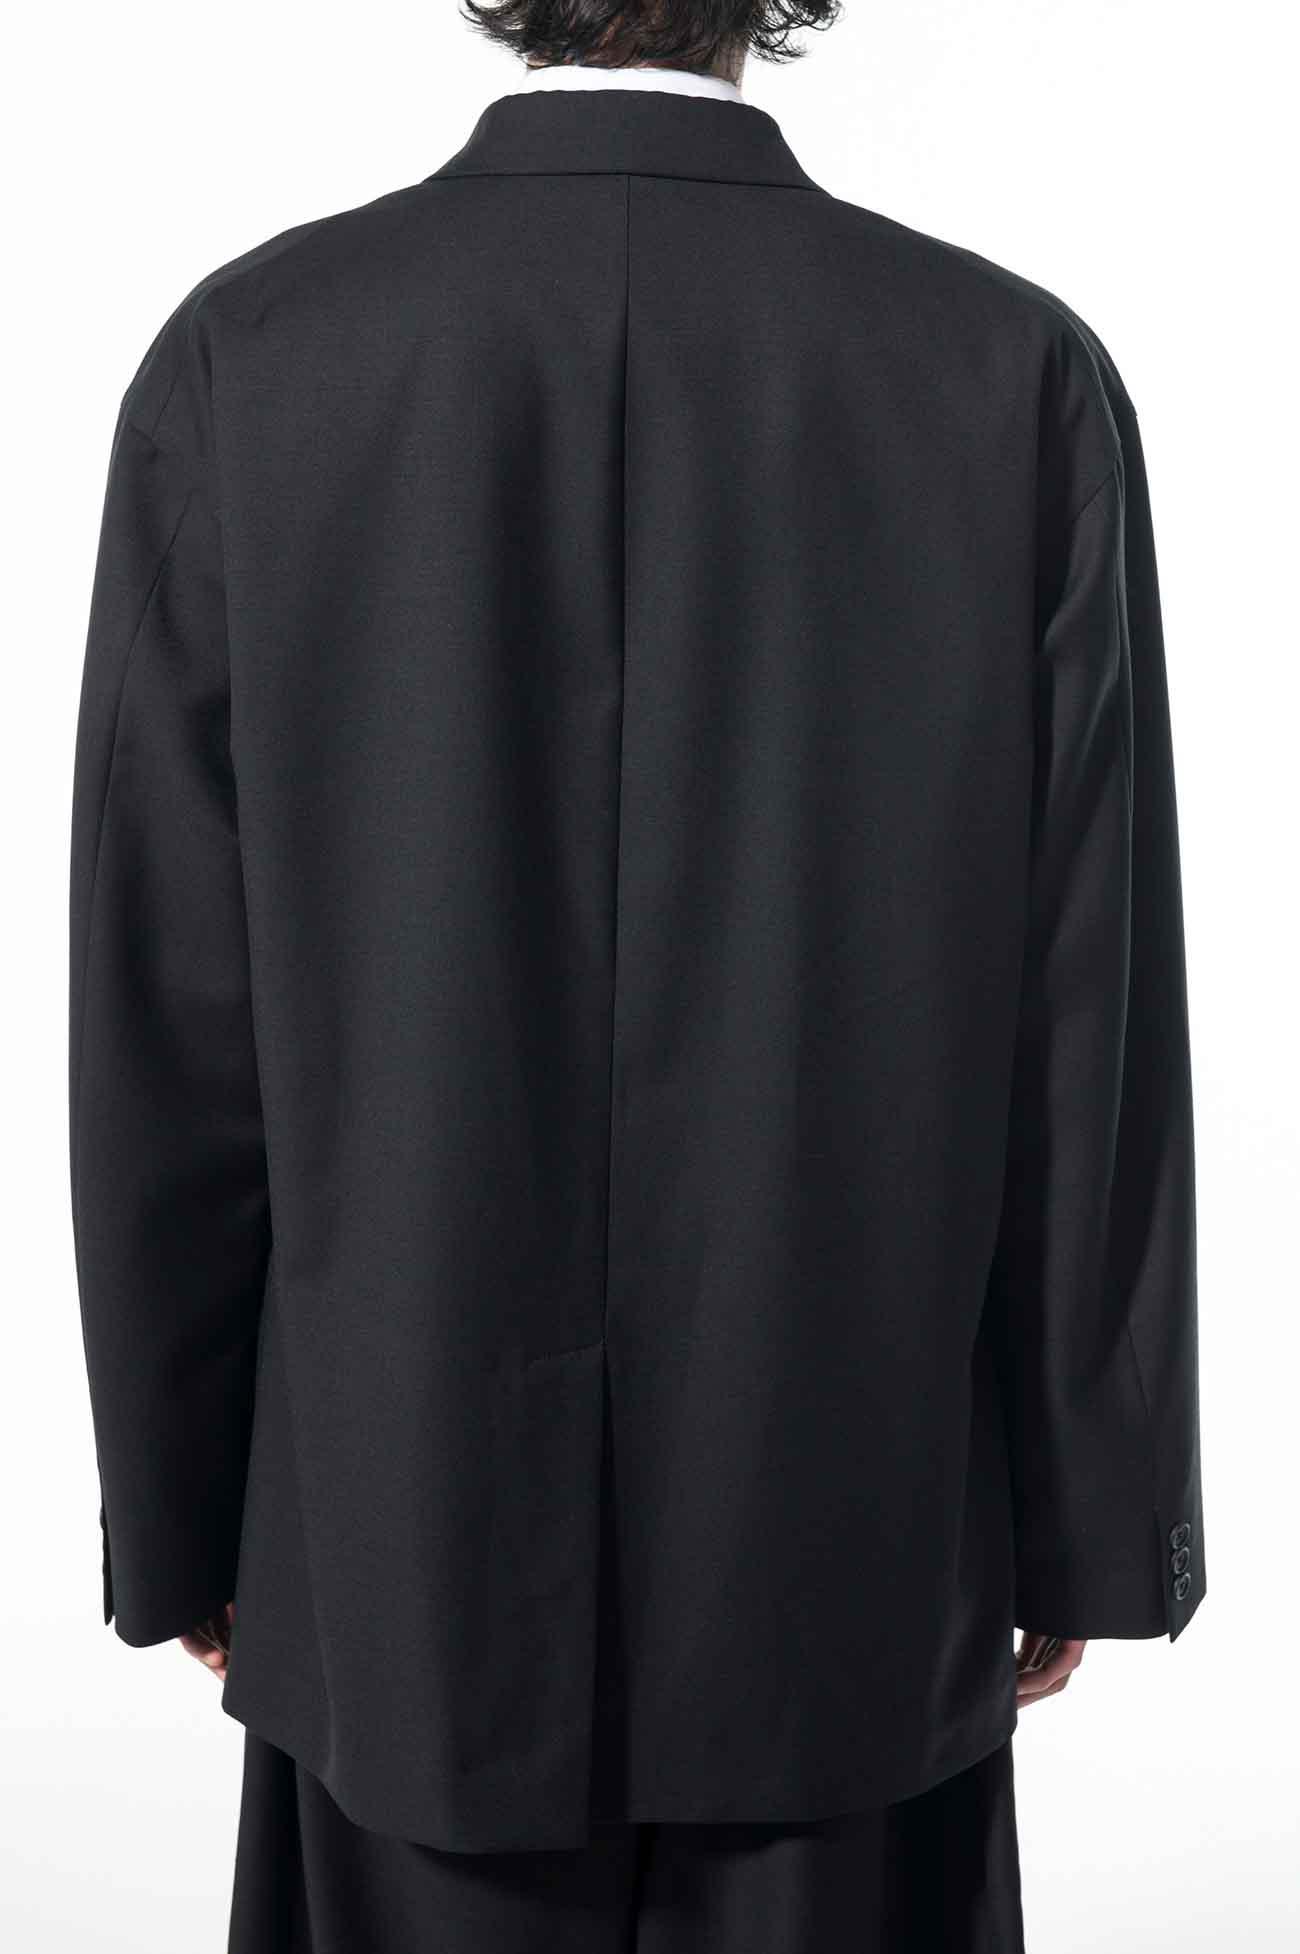 T/W Gabardine 3BS Peak Big Jacket